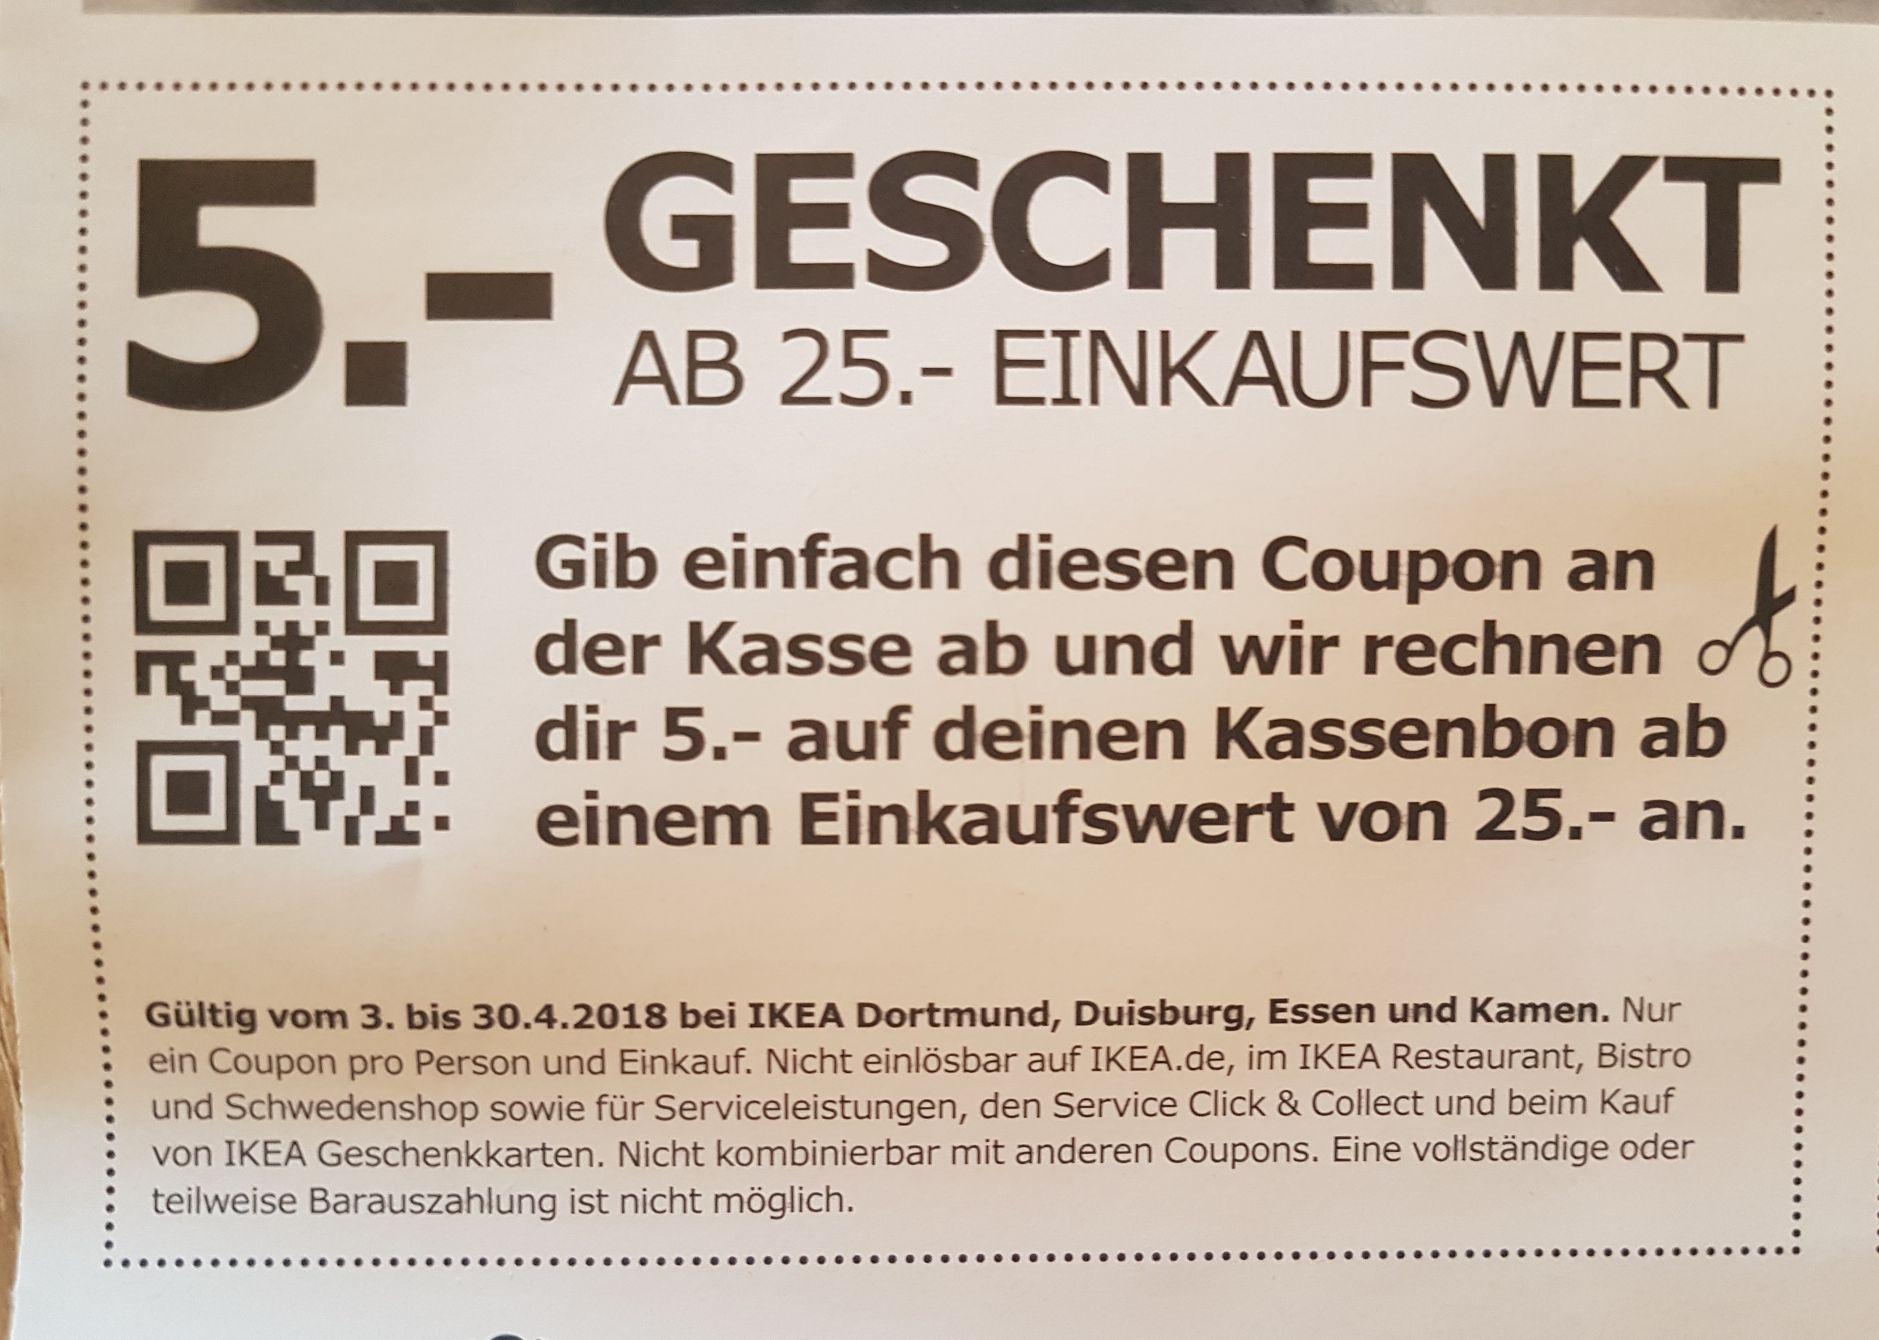 [Ikea] Lokal Dortmund, Duisburg, Essen und Kamen. 5€ Geschenkt ab 25€ Einkaufswert.